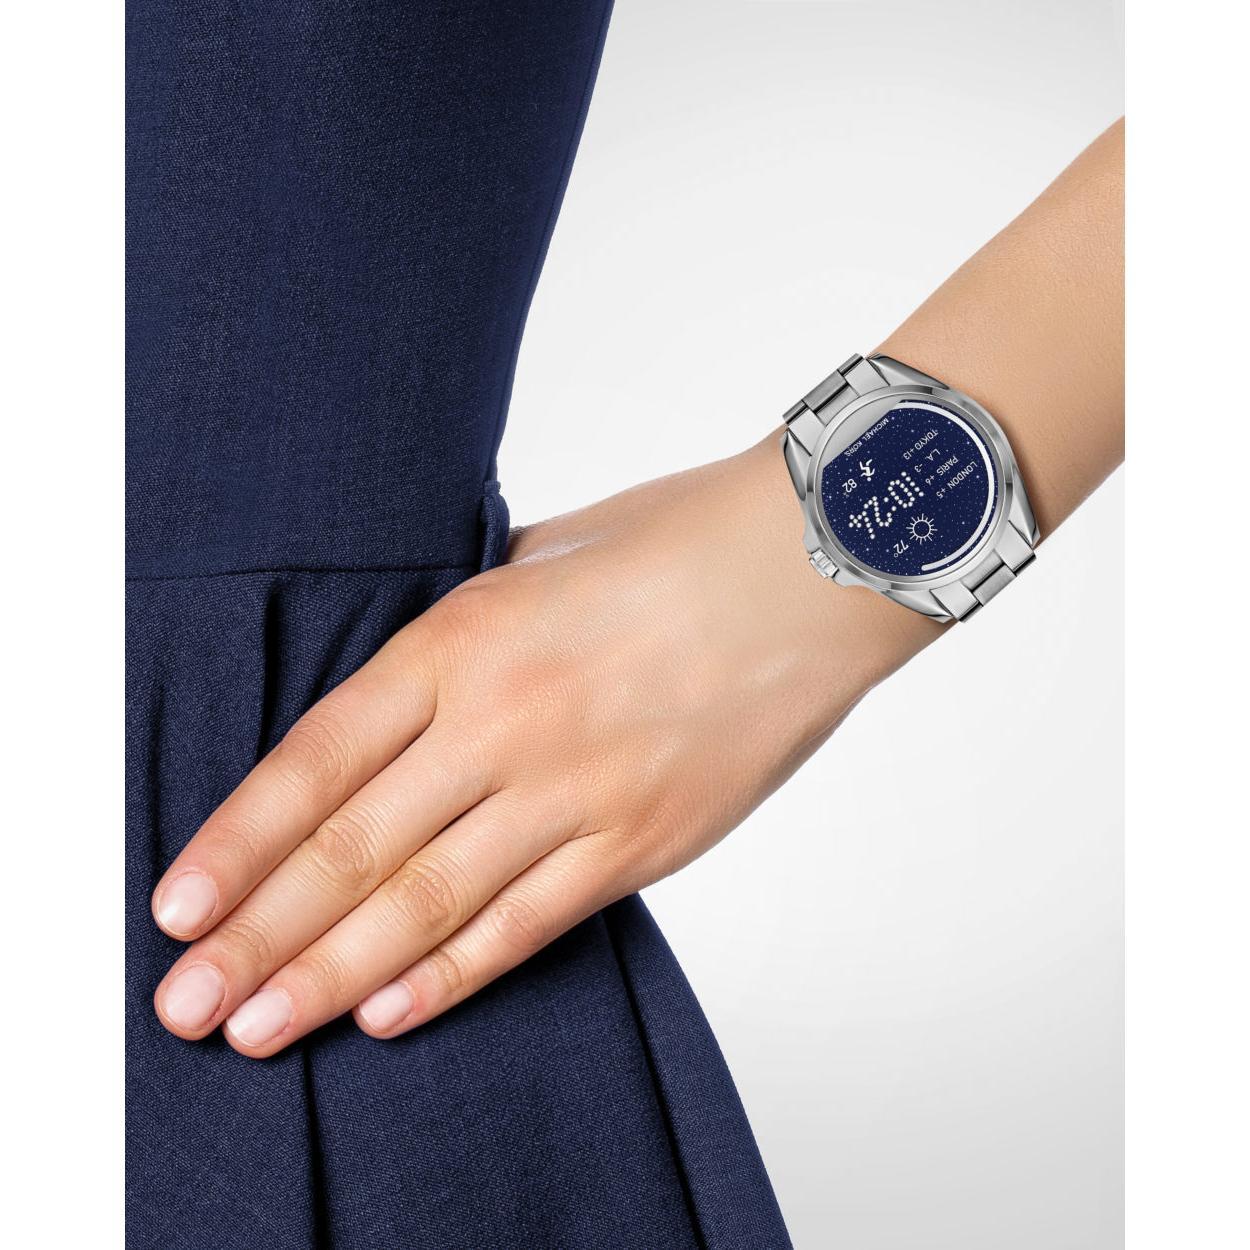 bbd9b55f04d2 Michael Kors Access Touchscreen Stainless Steel Bradshaw Smartwatch ...